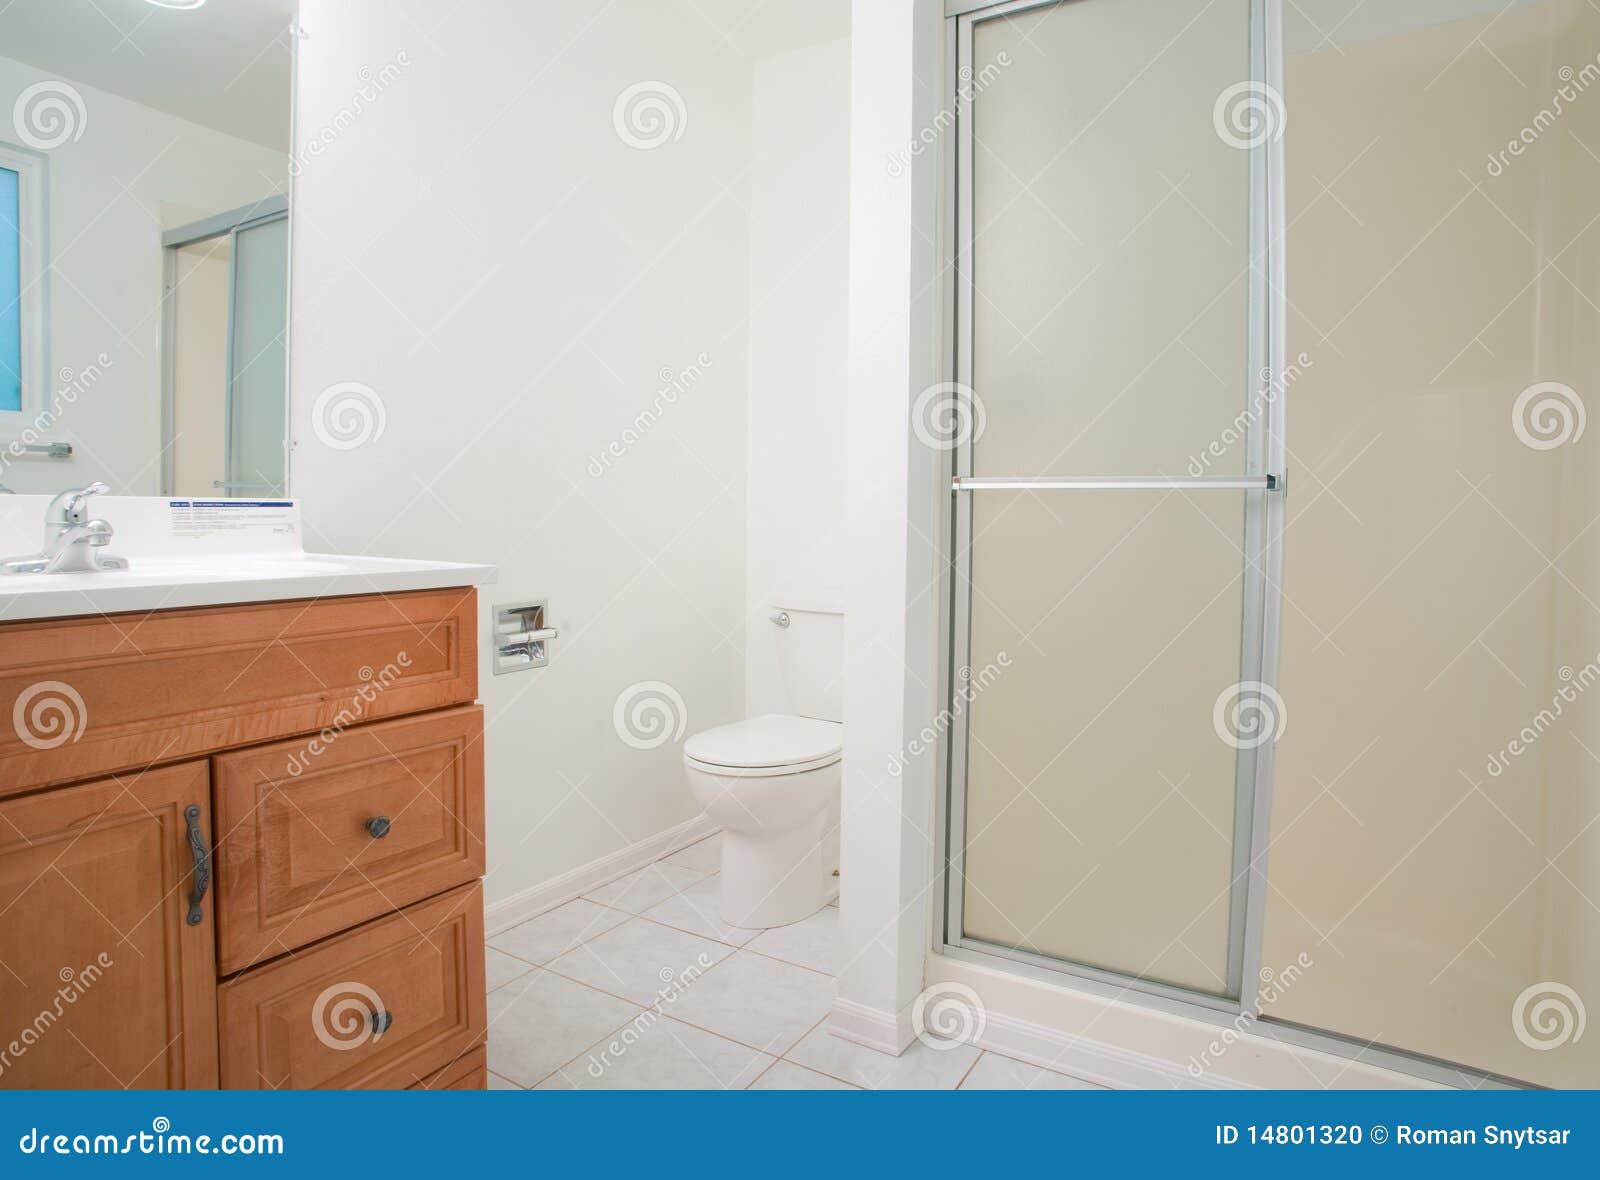 zeitgenössisches badezimmer mit großer dusche stockfoto - bild, Hause ideen